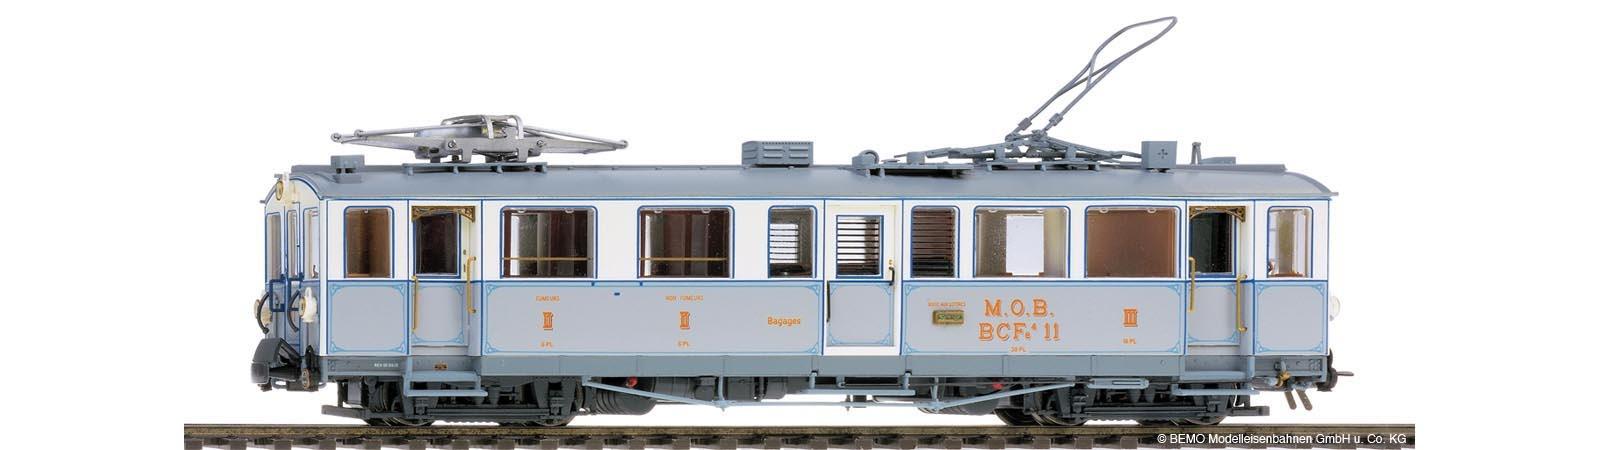 1283305 MOB ABFe 4/4 15 Triebwagen mit MOB Schrift-1